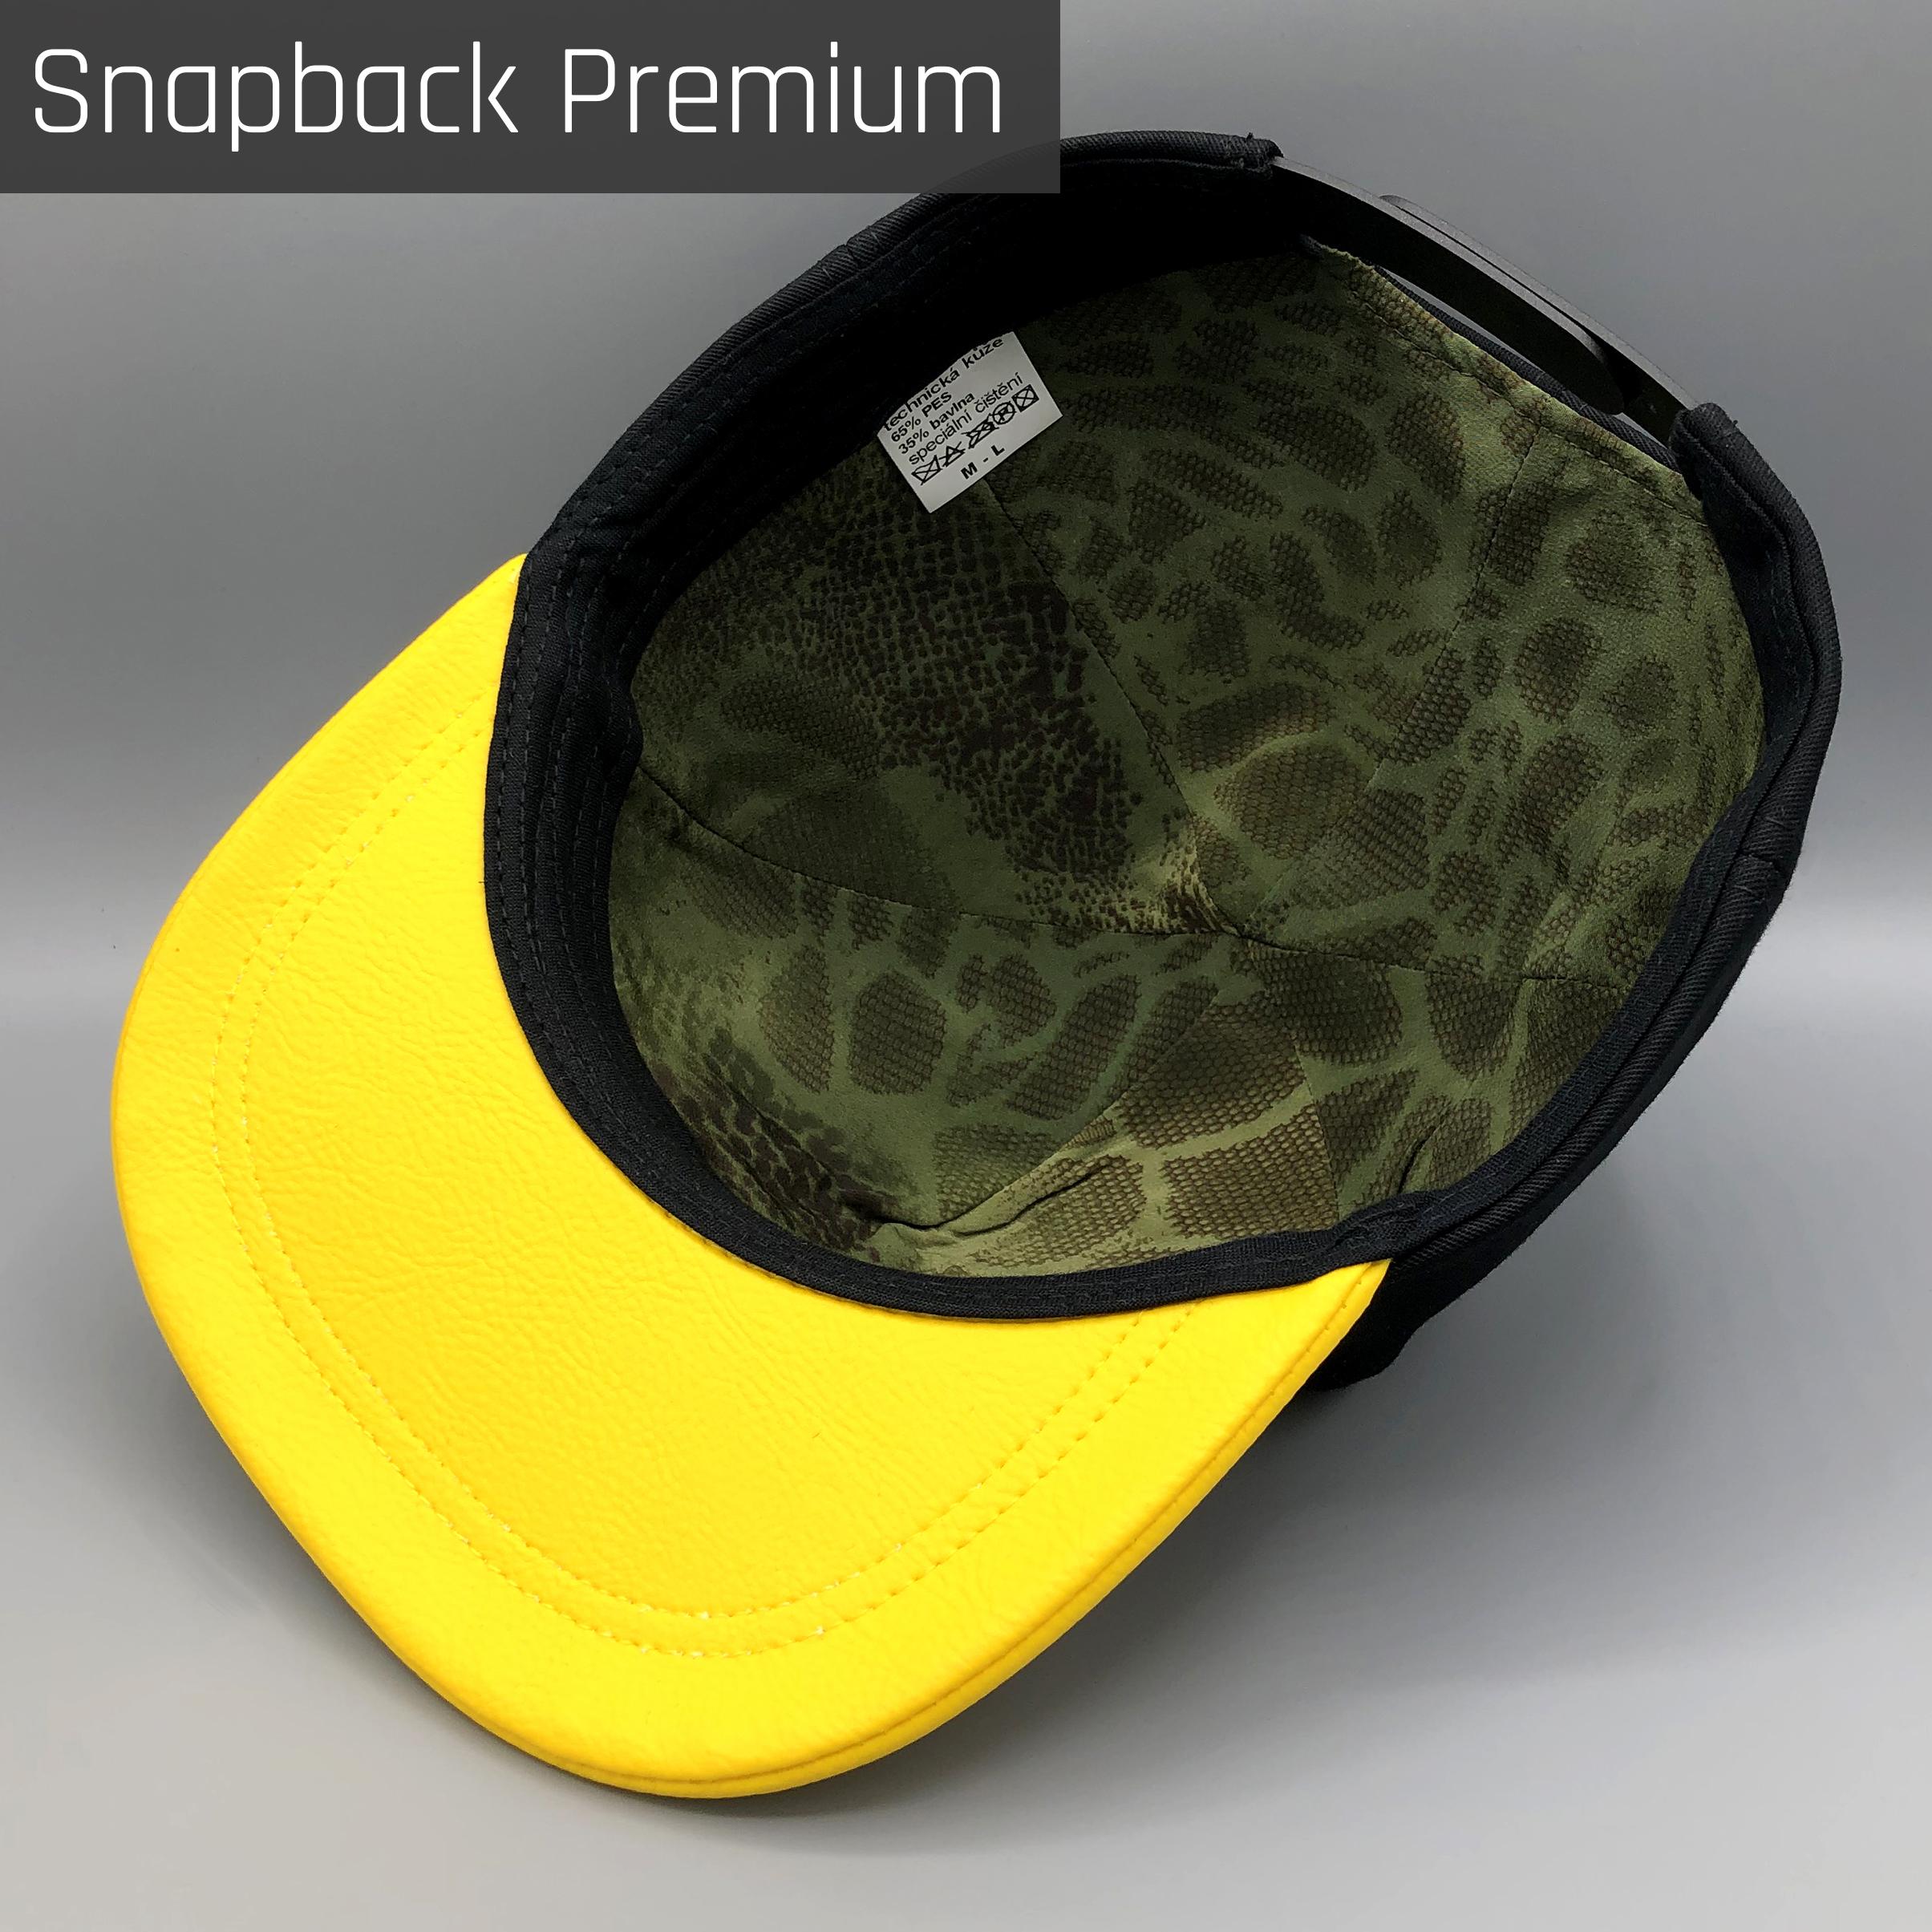 Snapback Premium